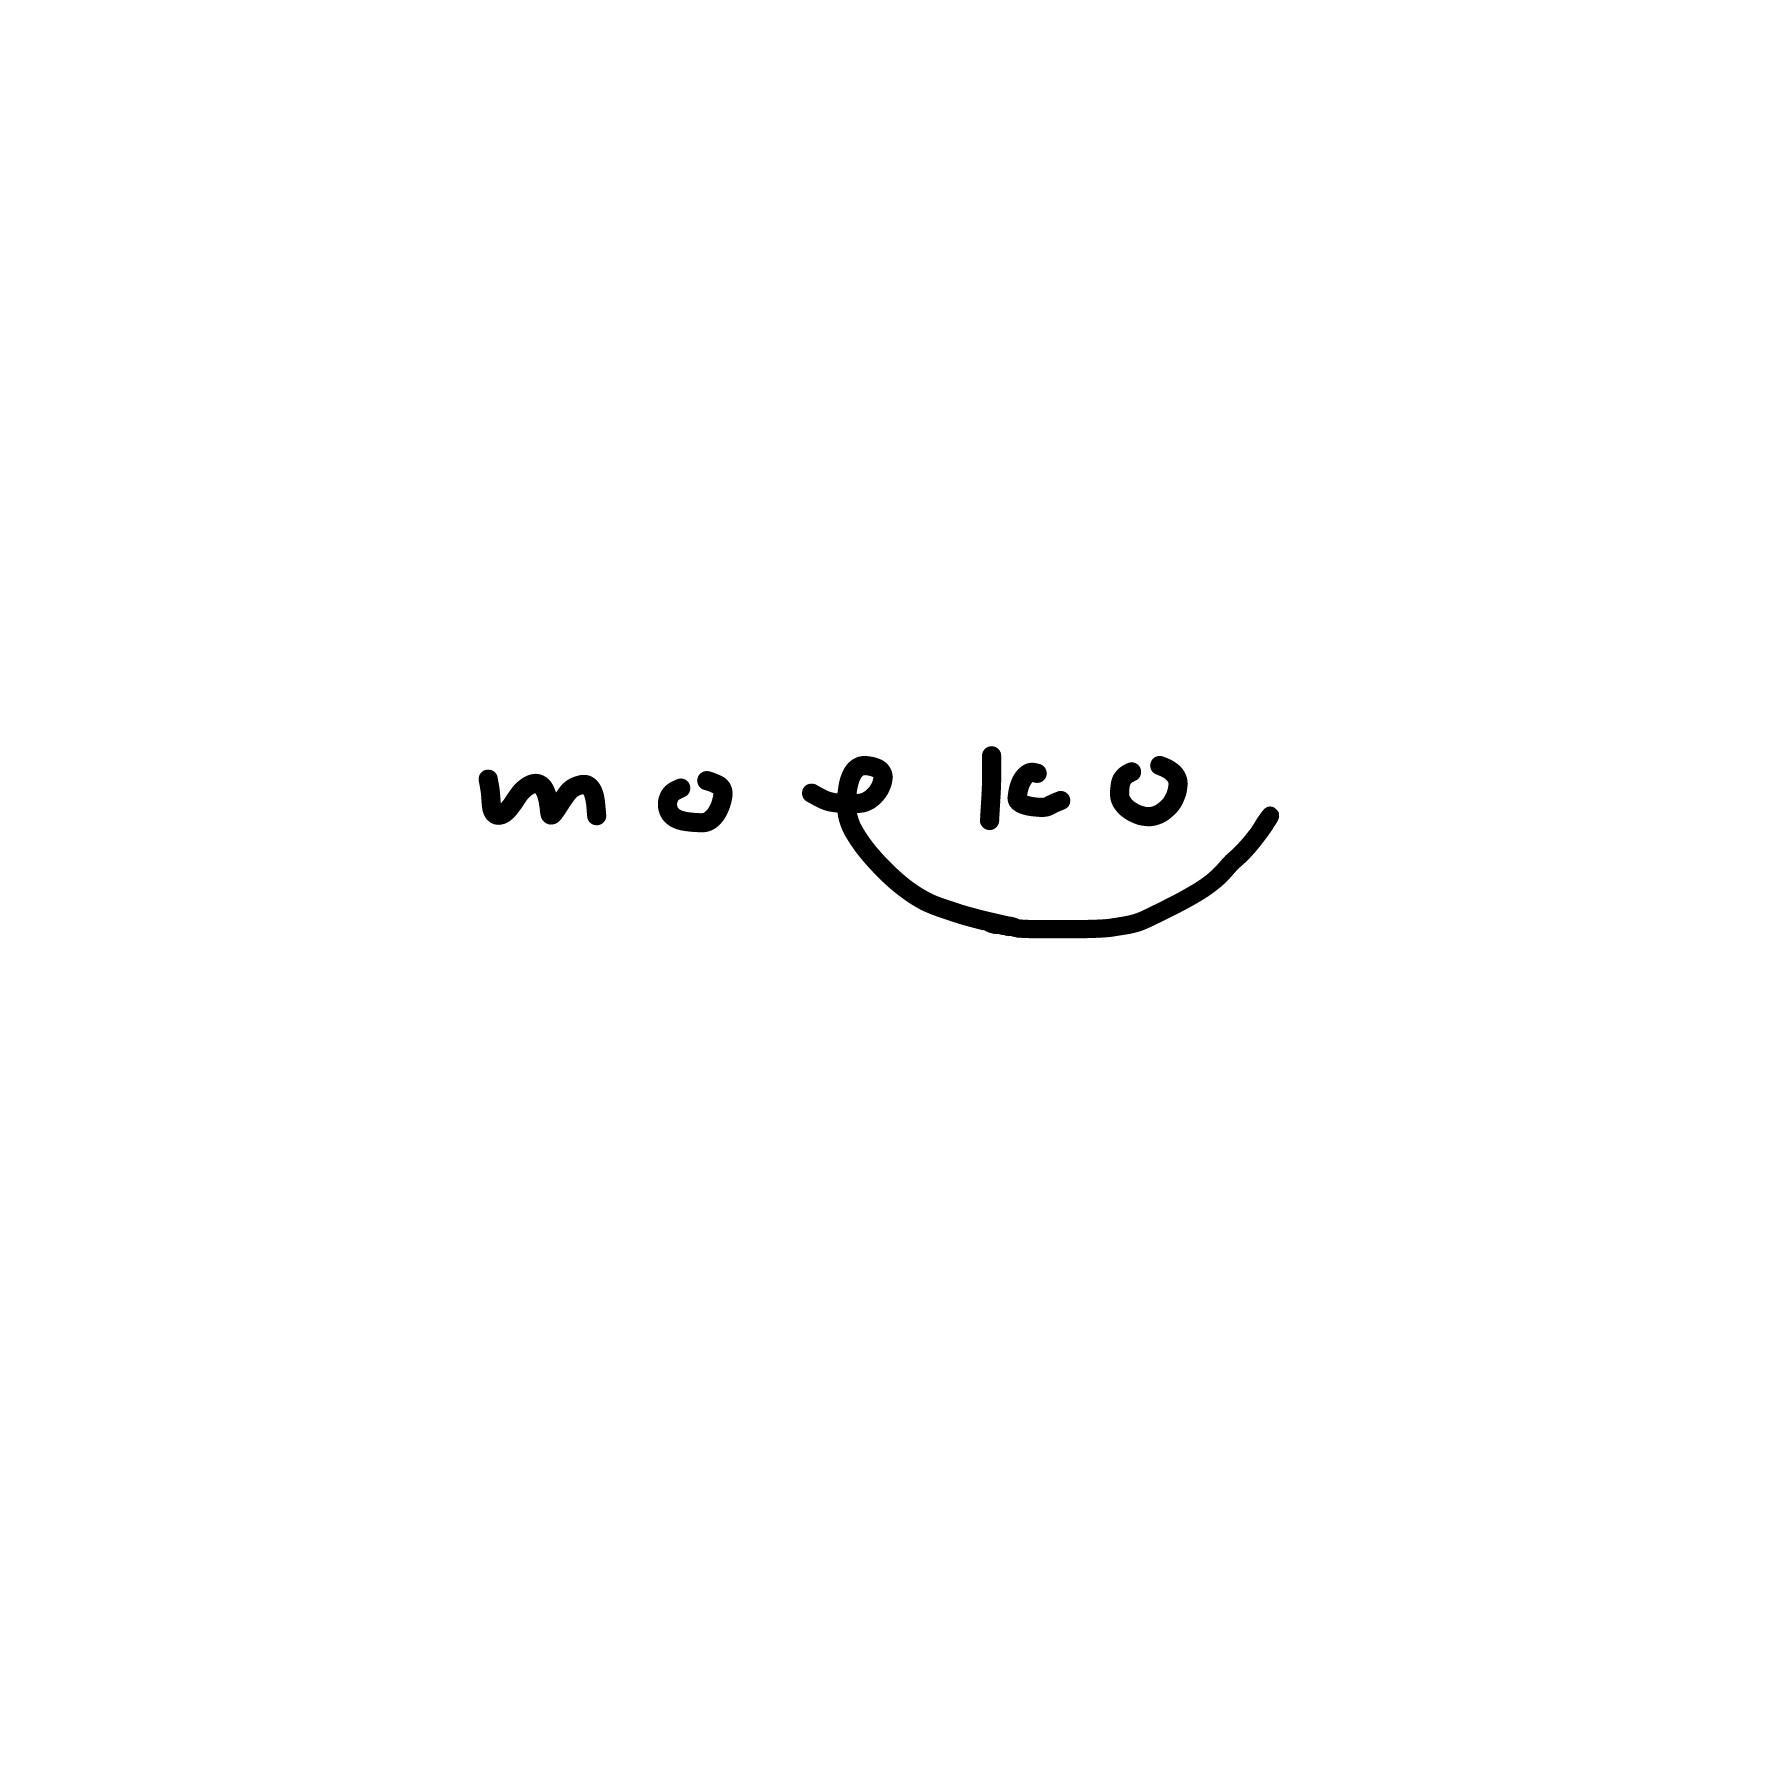 moeko